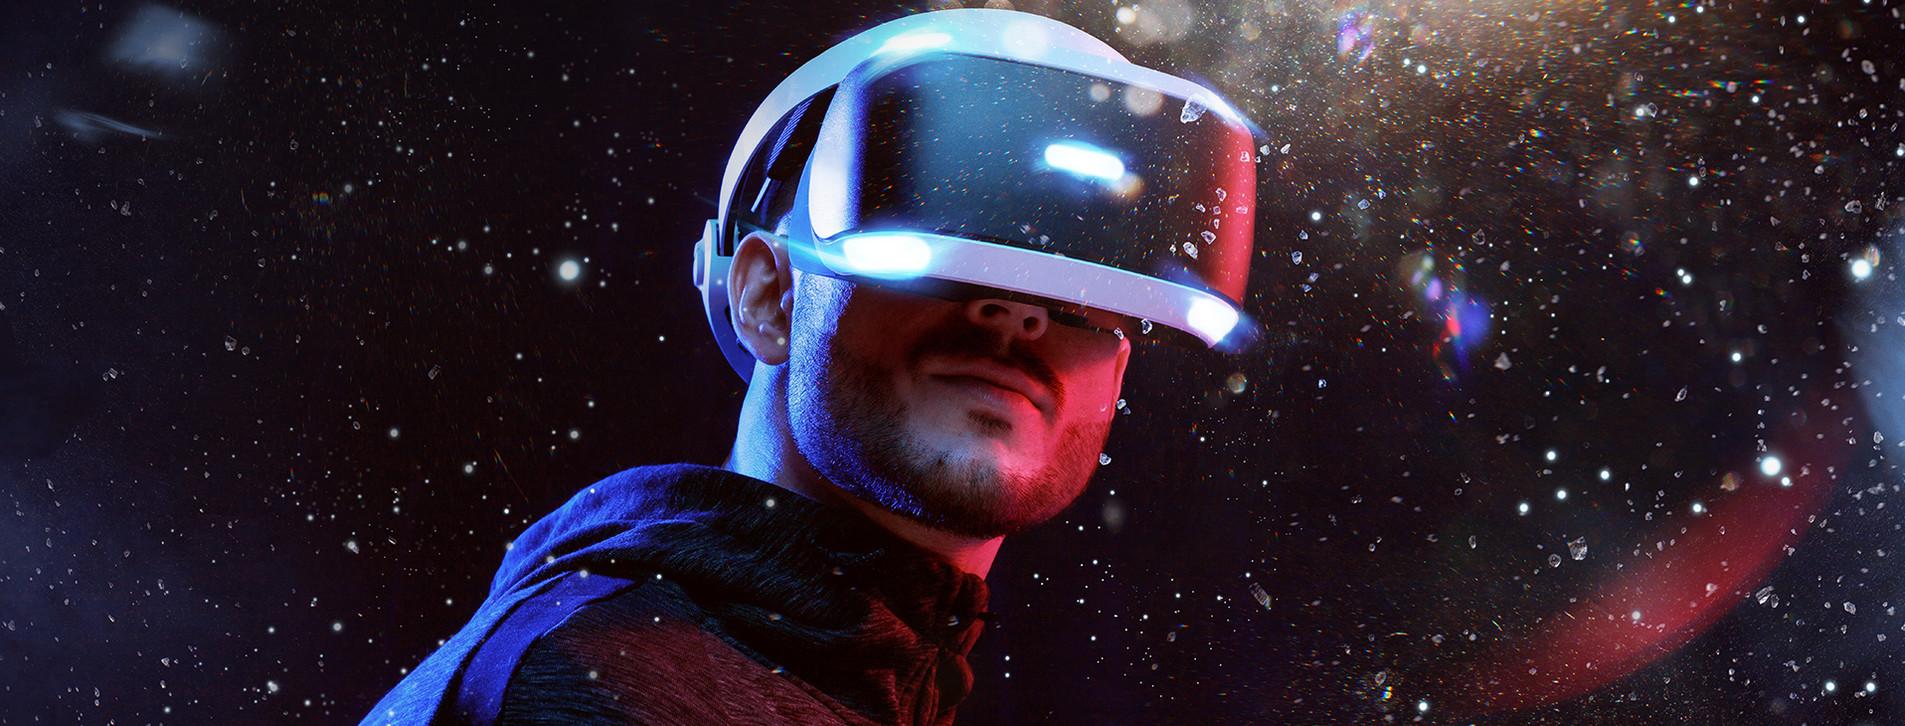 Фото 1 - Театр виртуальной реальности